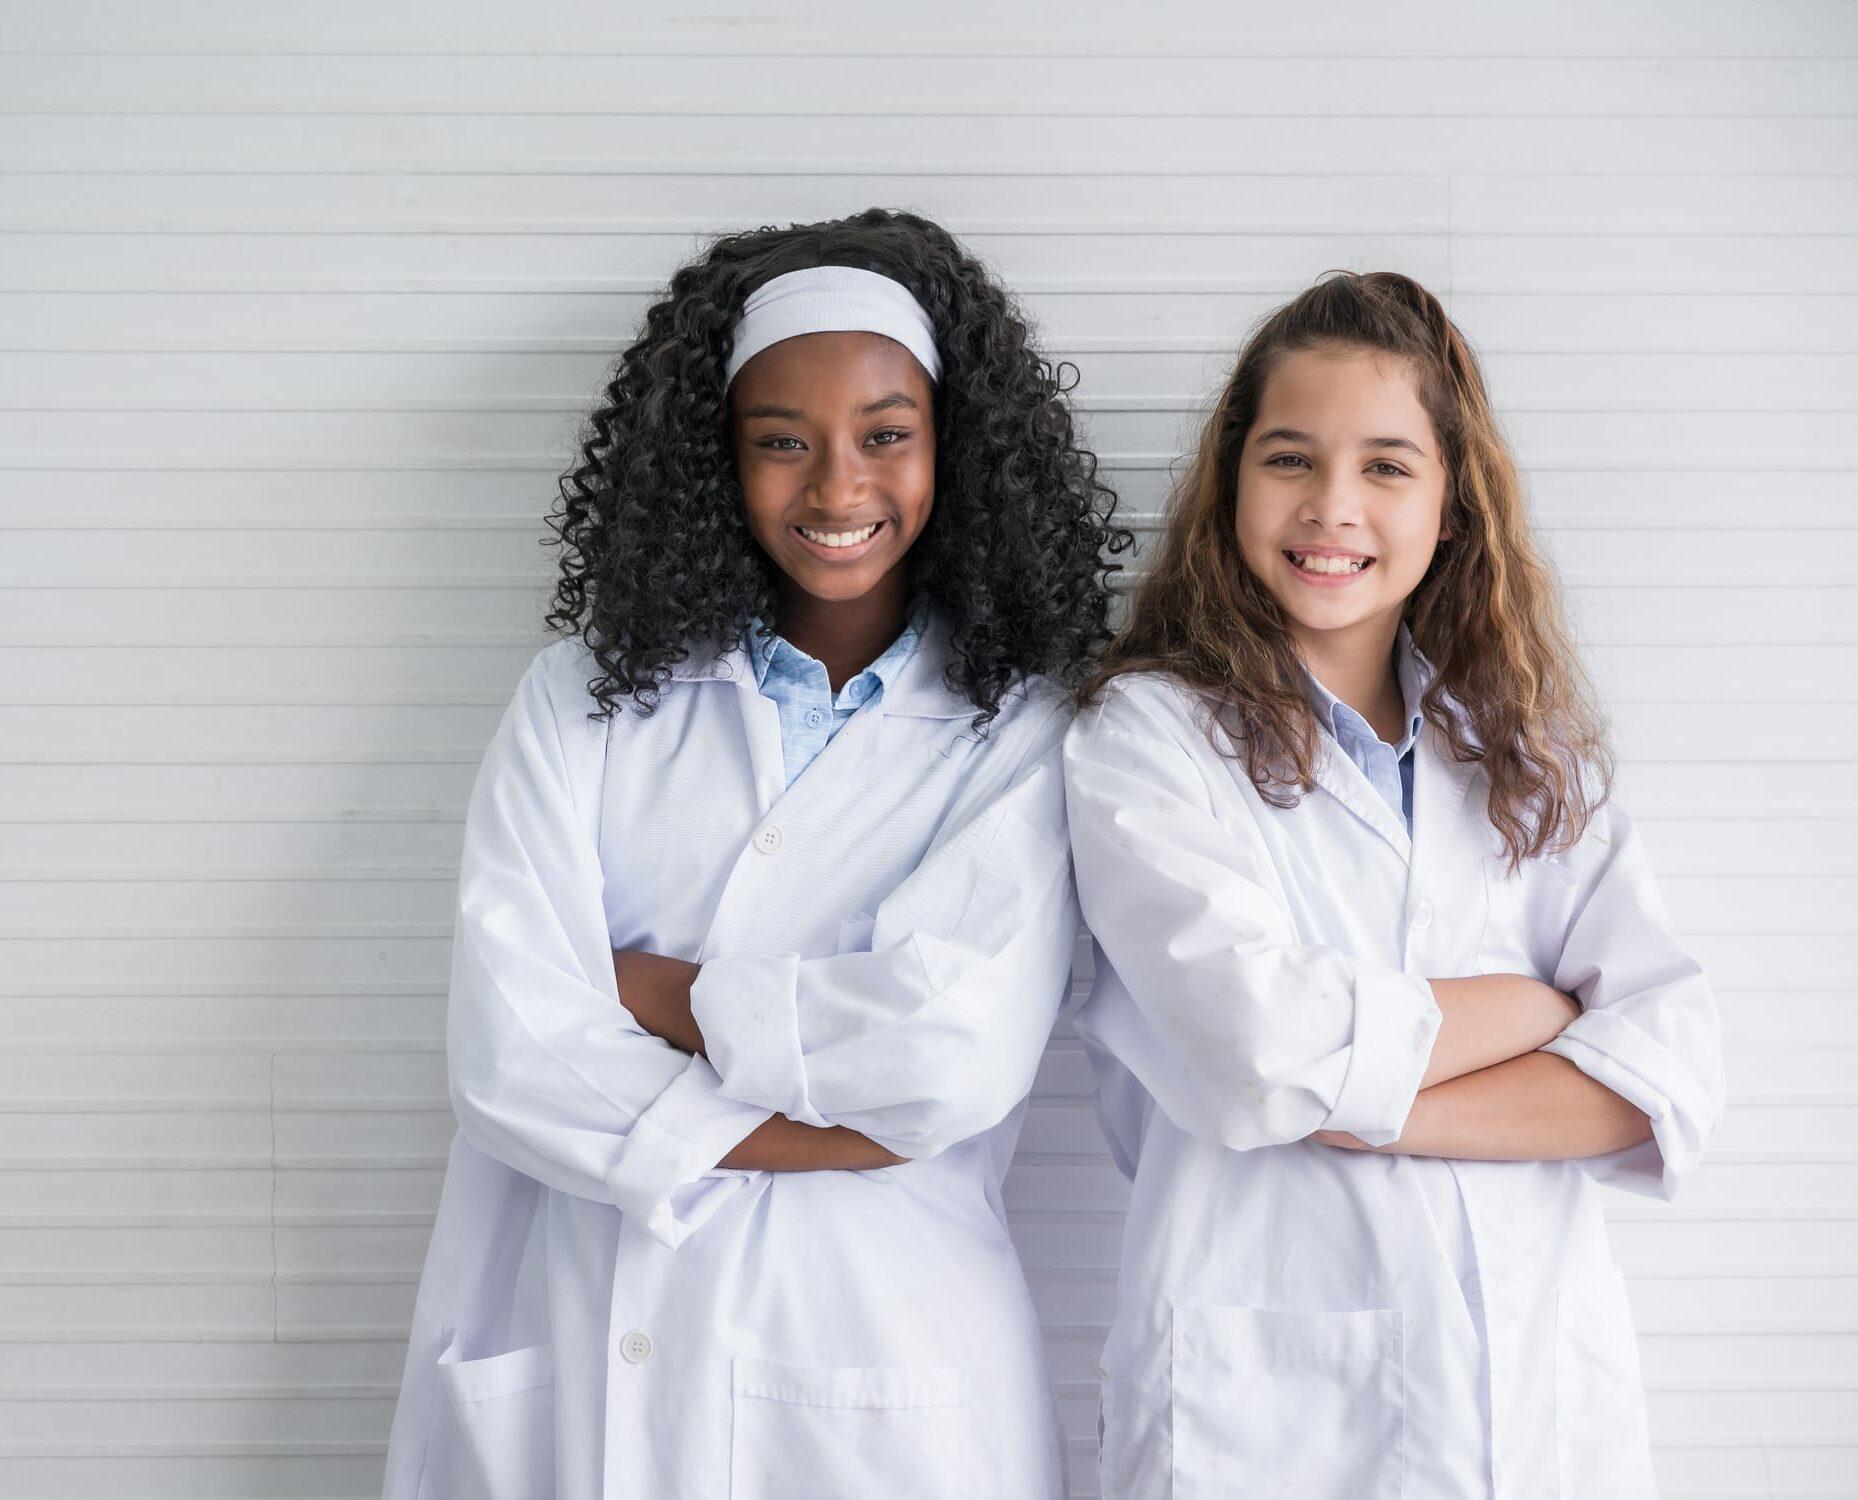 Girls! TECH UP Mädchen und Frauen in Elektrotechnik & IT